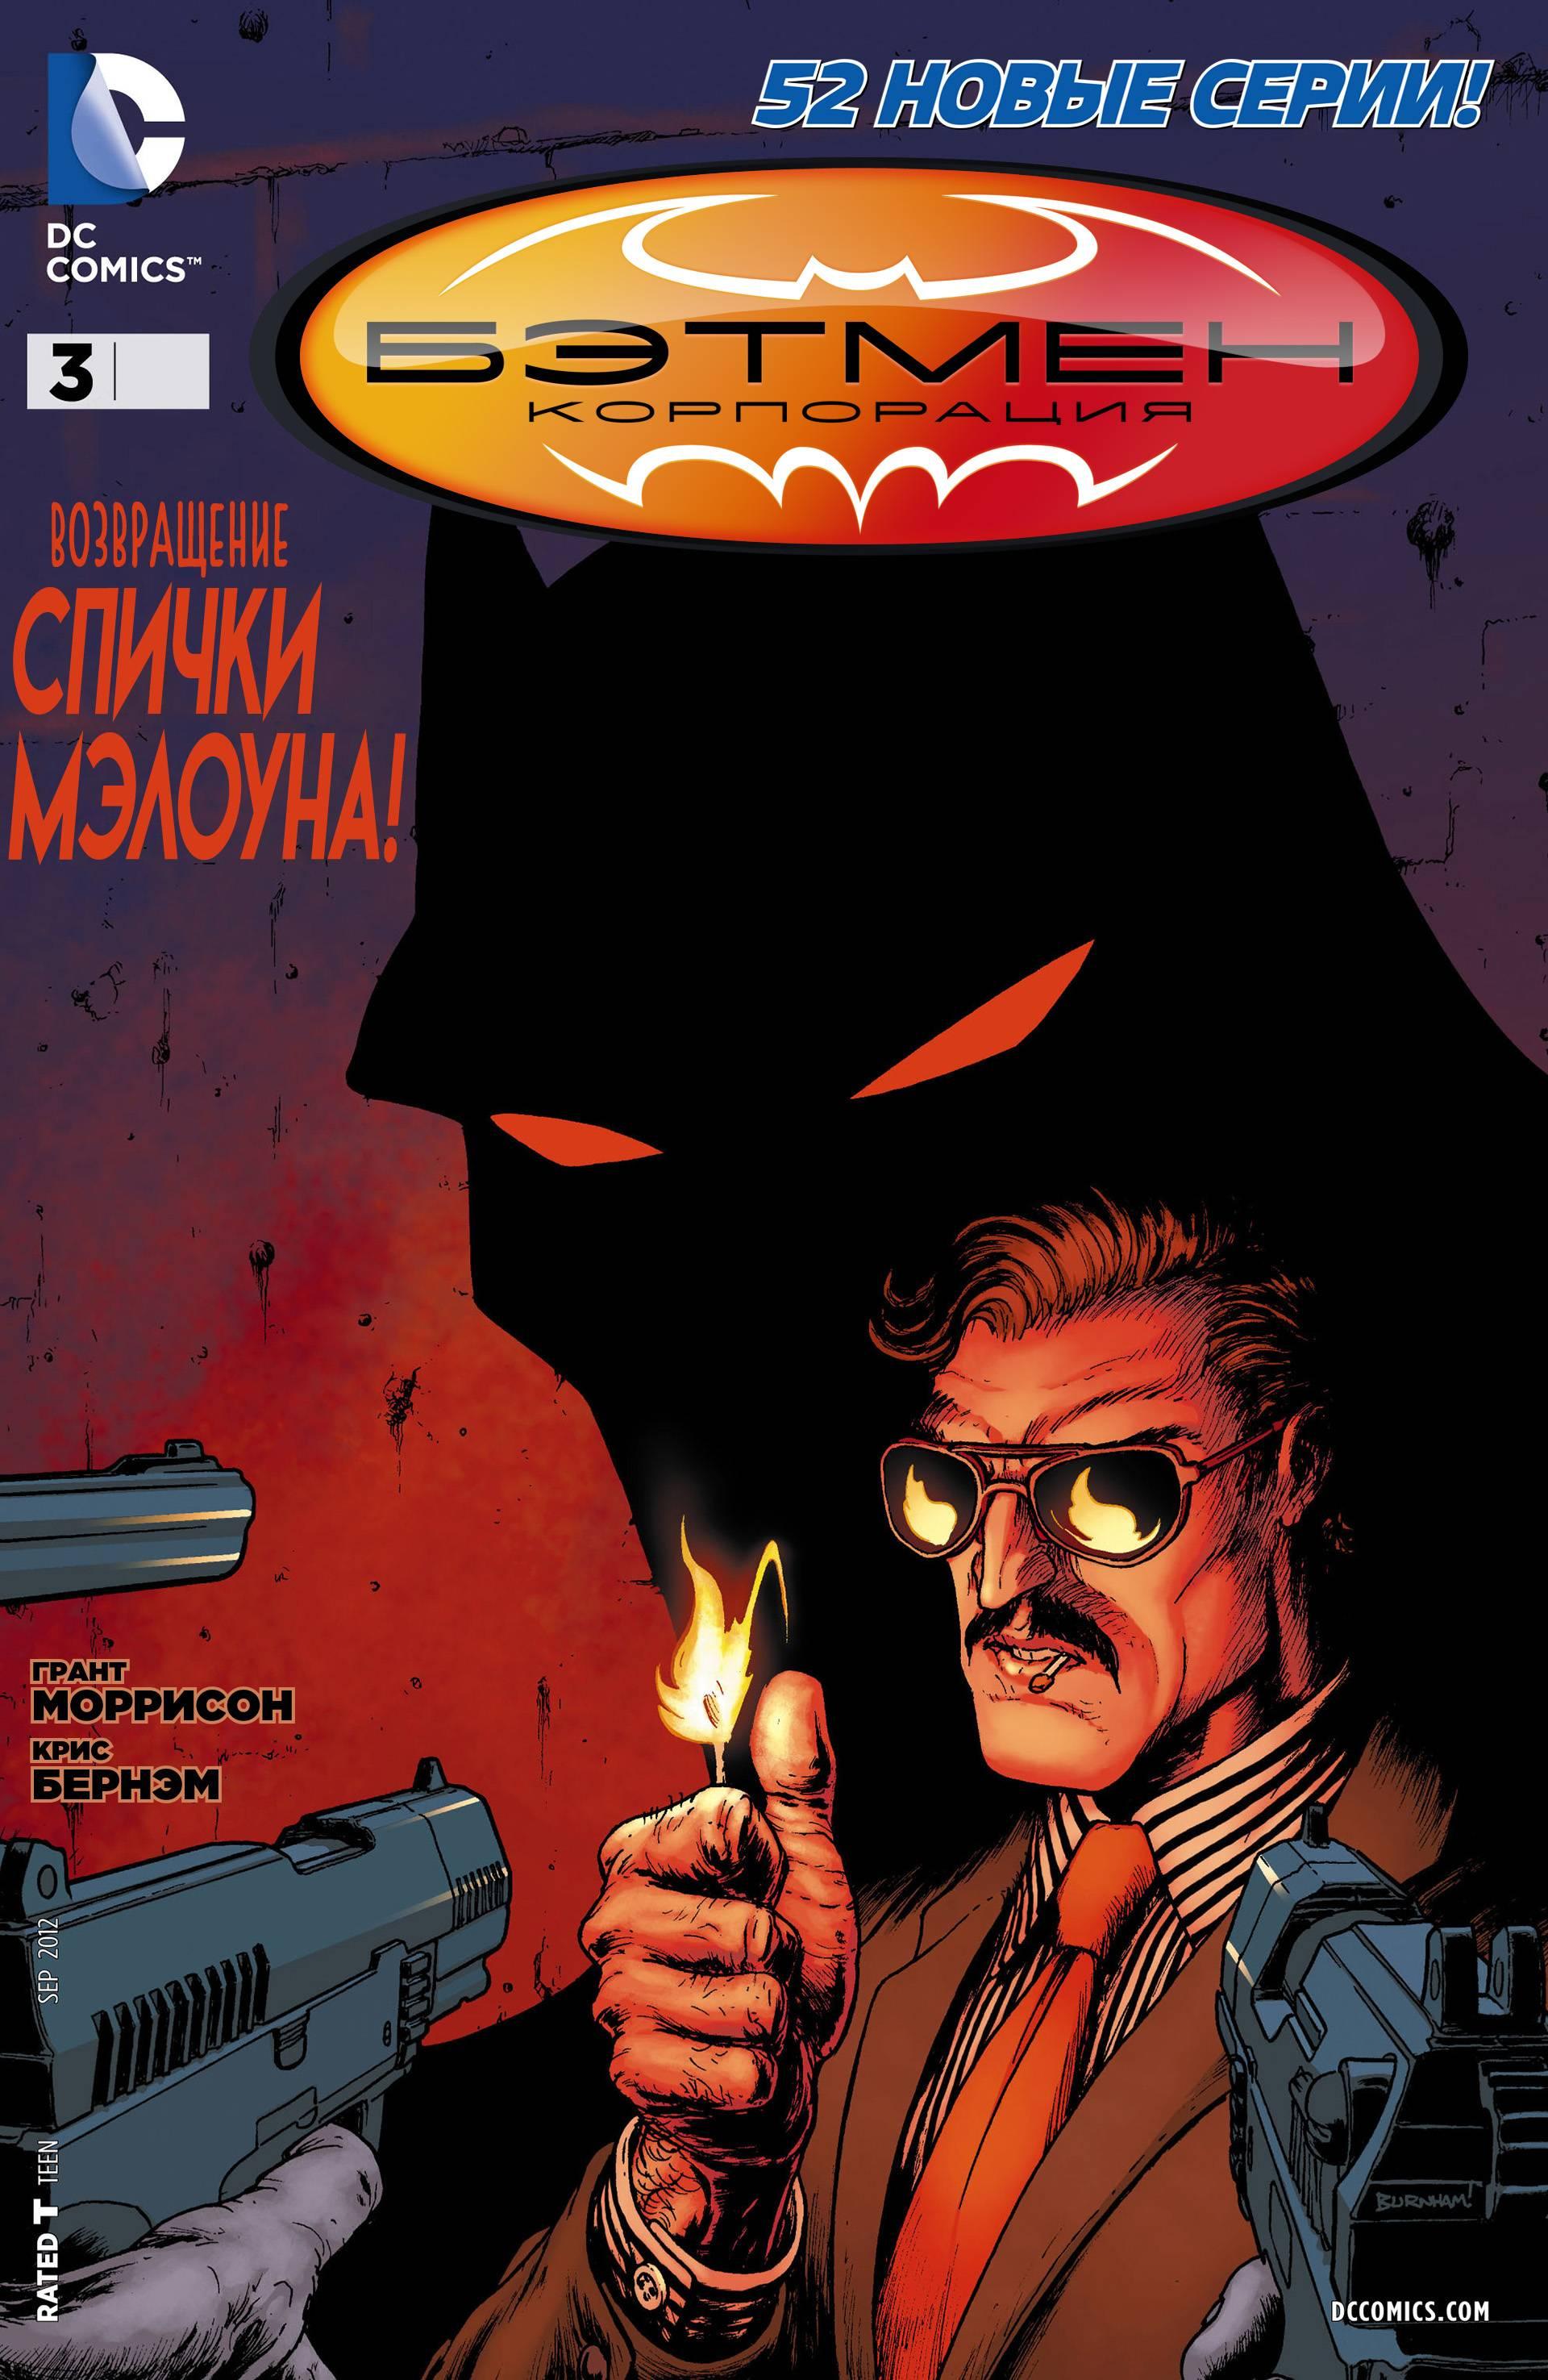 Бэтмен Корпорация №3 онлайн